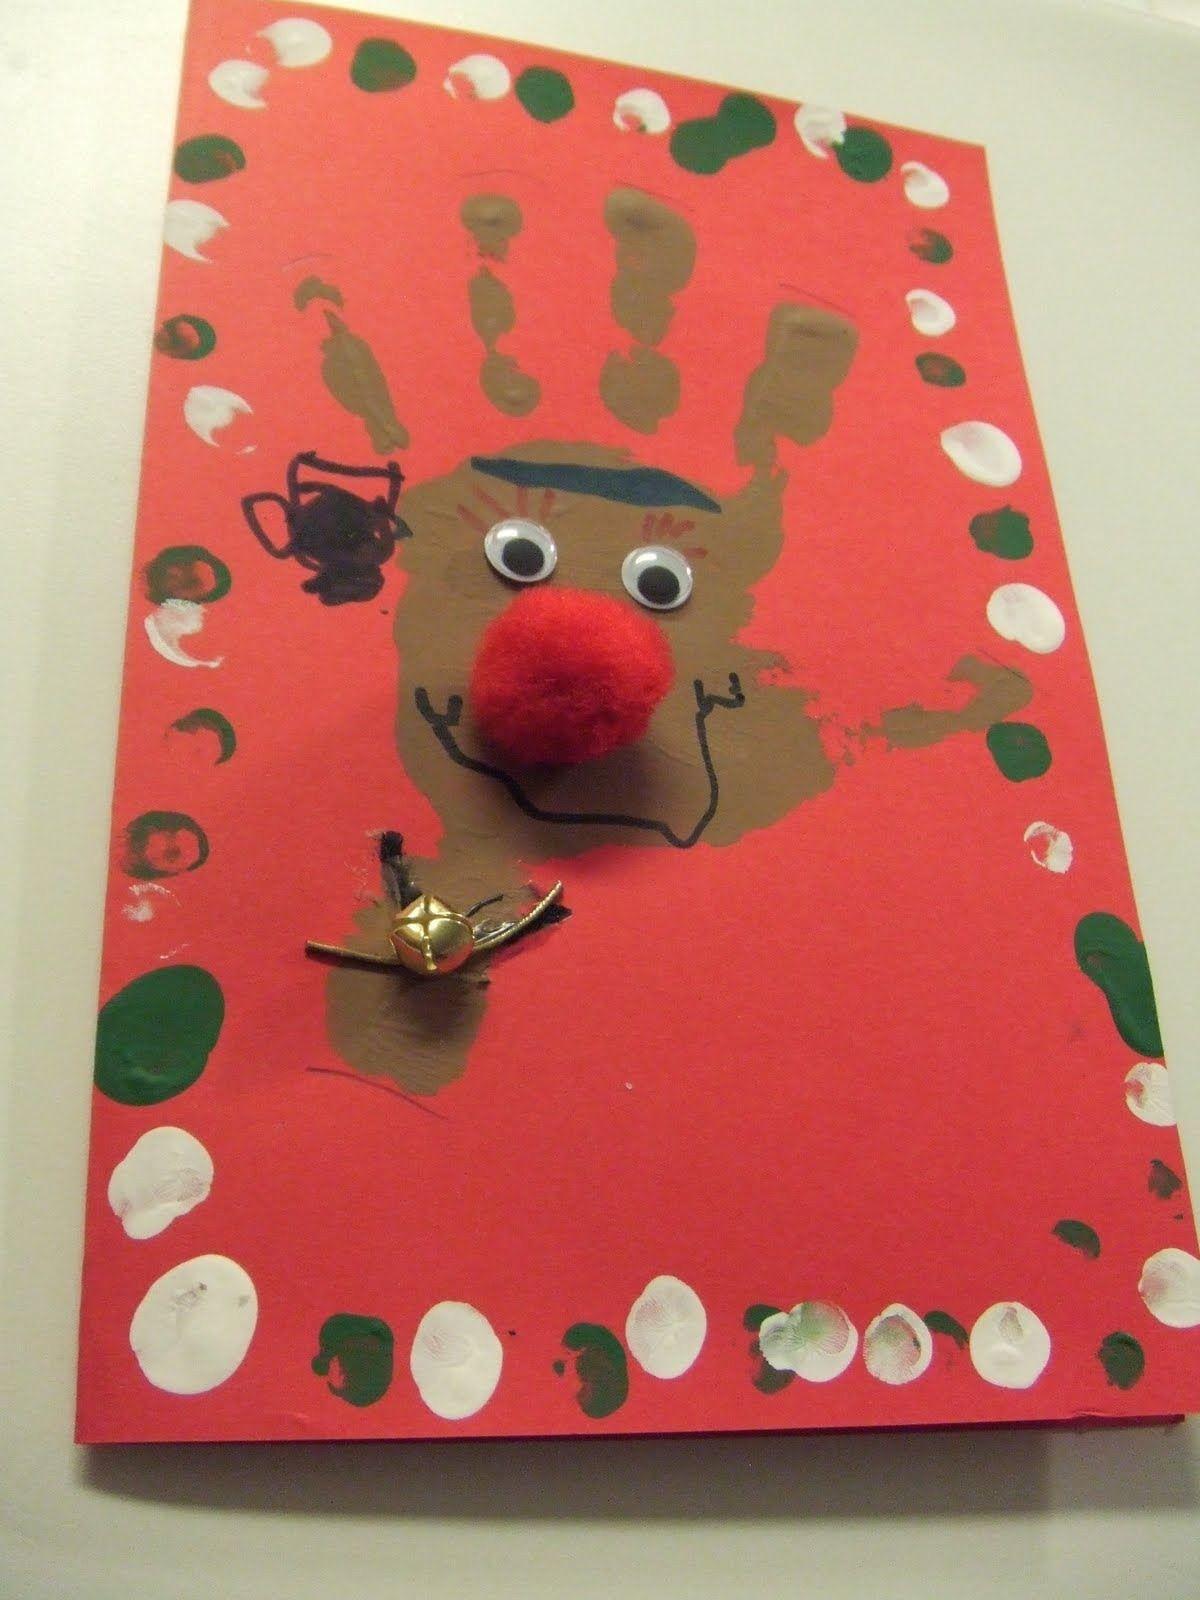 Tarjetas de navidad hechas a mano huella tarjetas y navidad - Tarjetas de navidad manuales ...